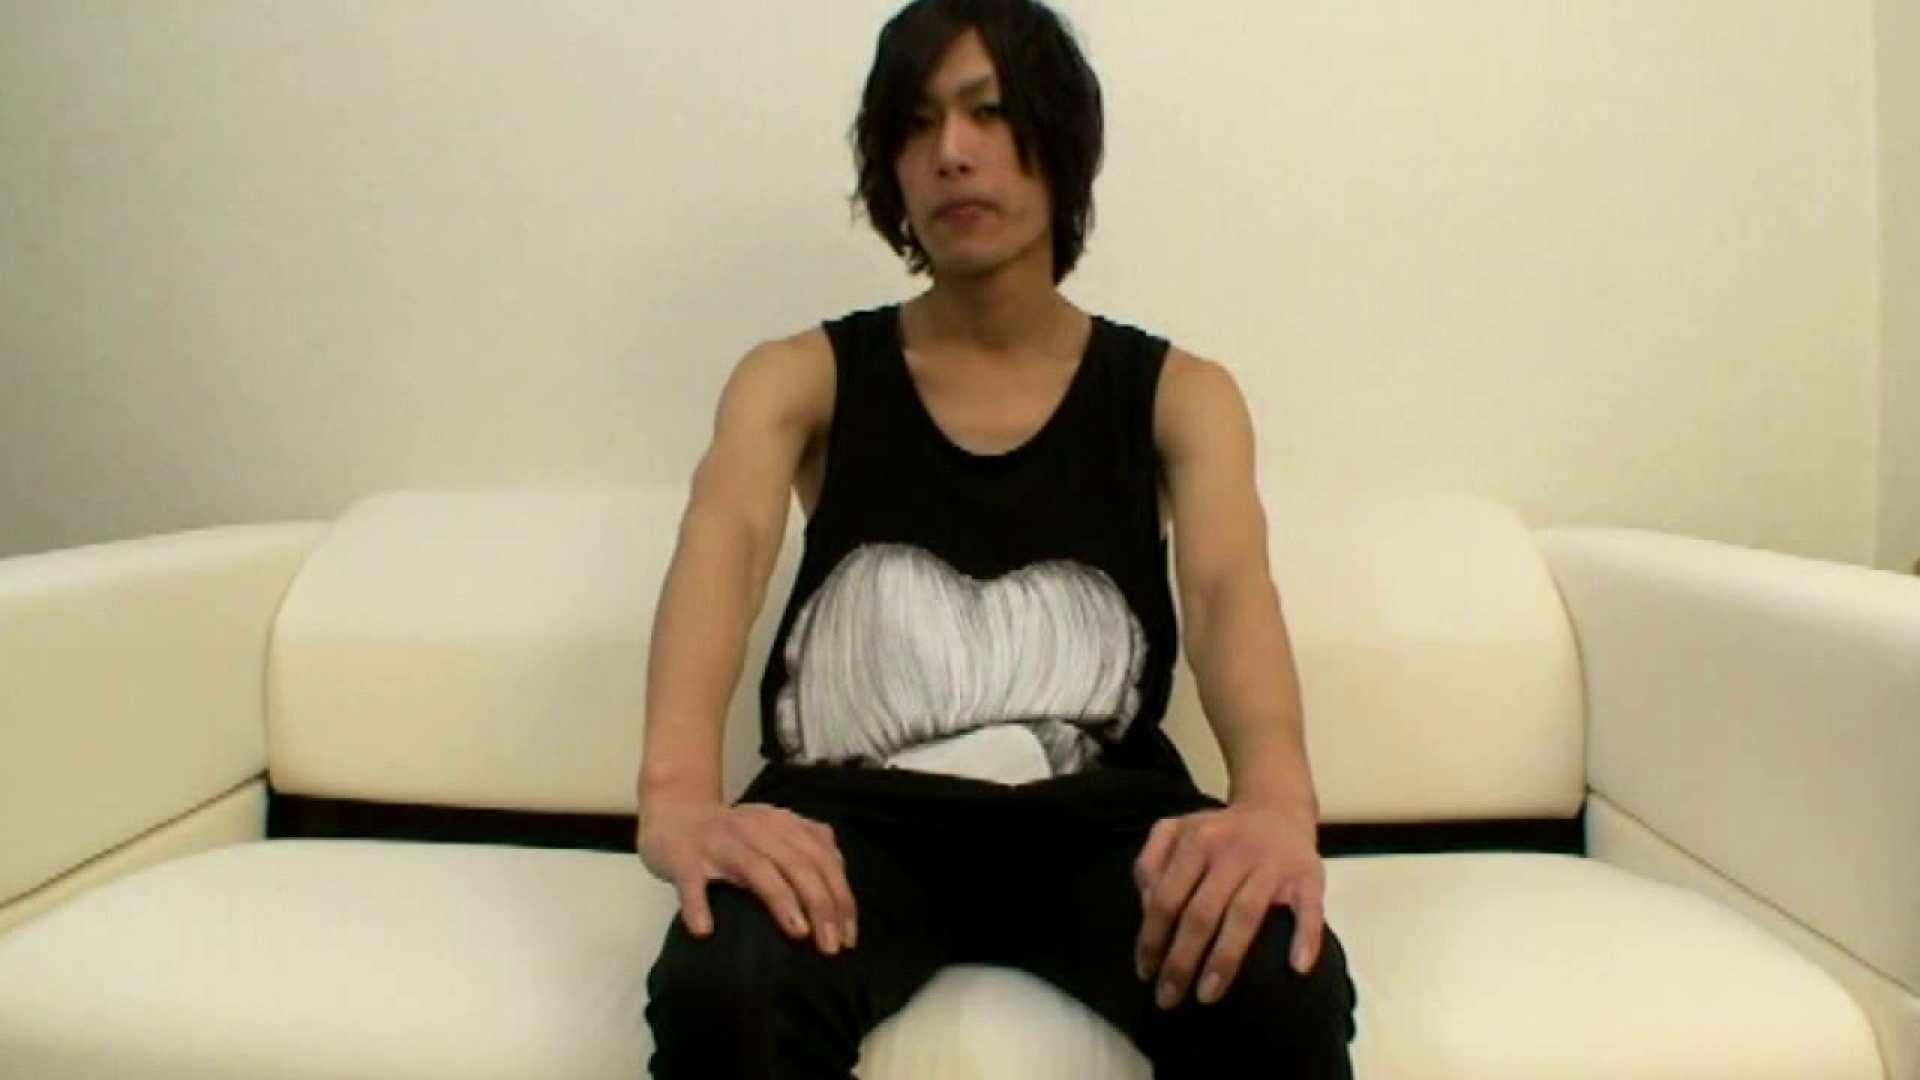 ノンケ!自慰スタジオ No.27 ハメ撮り放出 ゲイセックス画像 106pic 5